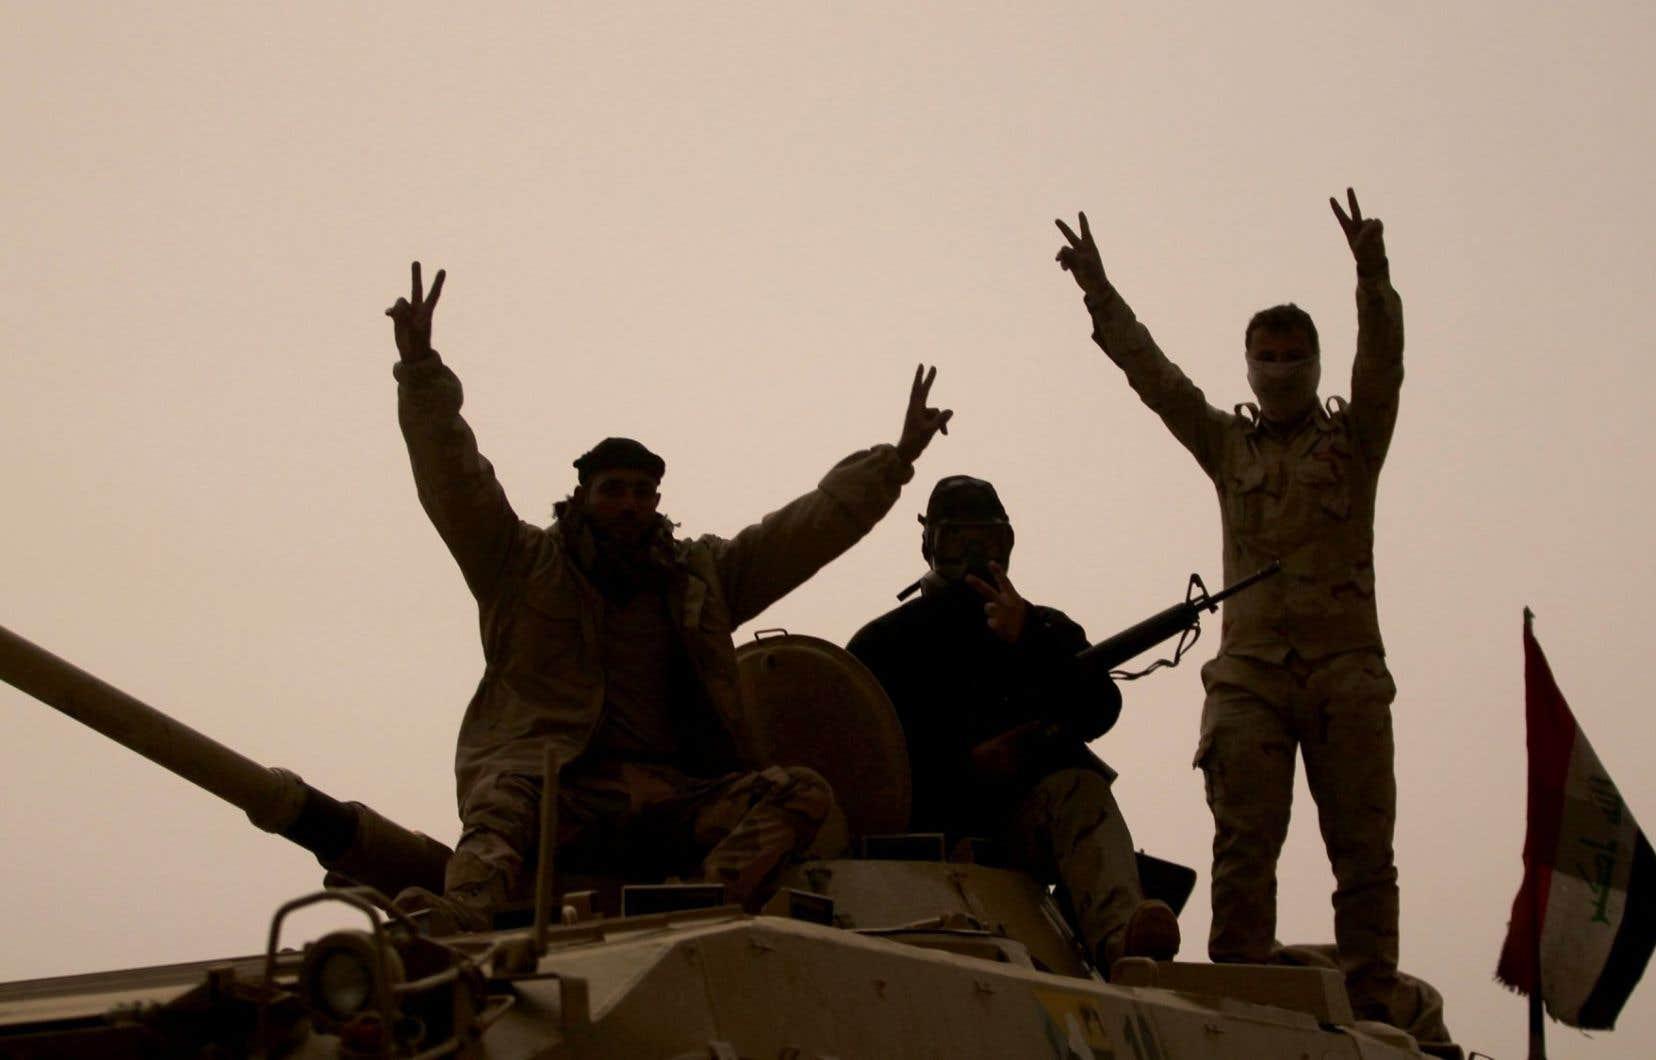 La bataille de Mossoul, qui fait rage depuis la mi-octobre, pourrait bien sceller le sort du groupe armé État islamique.